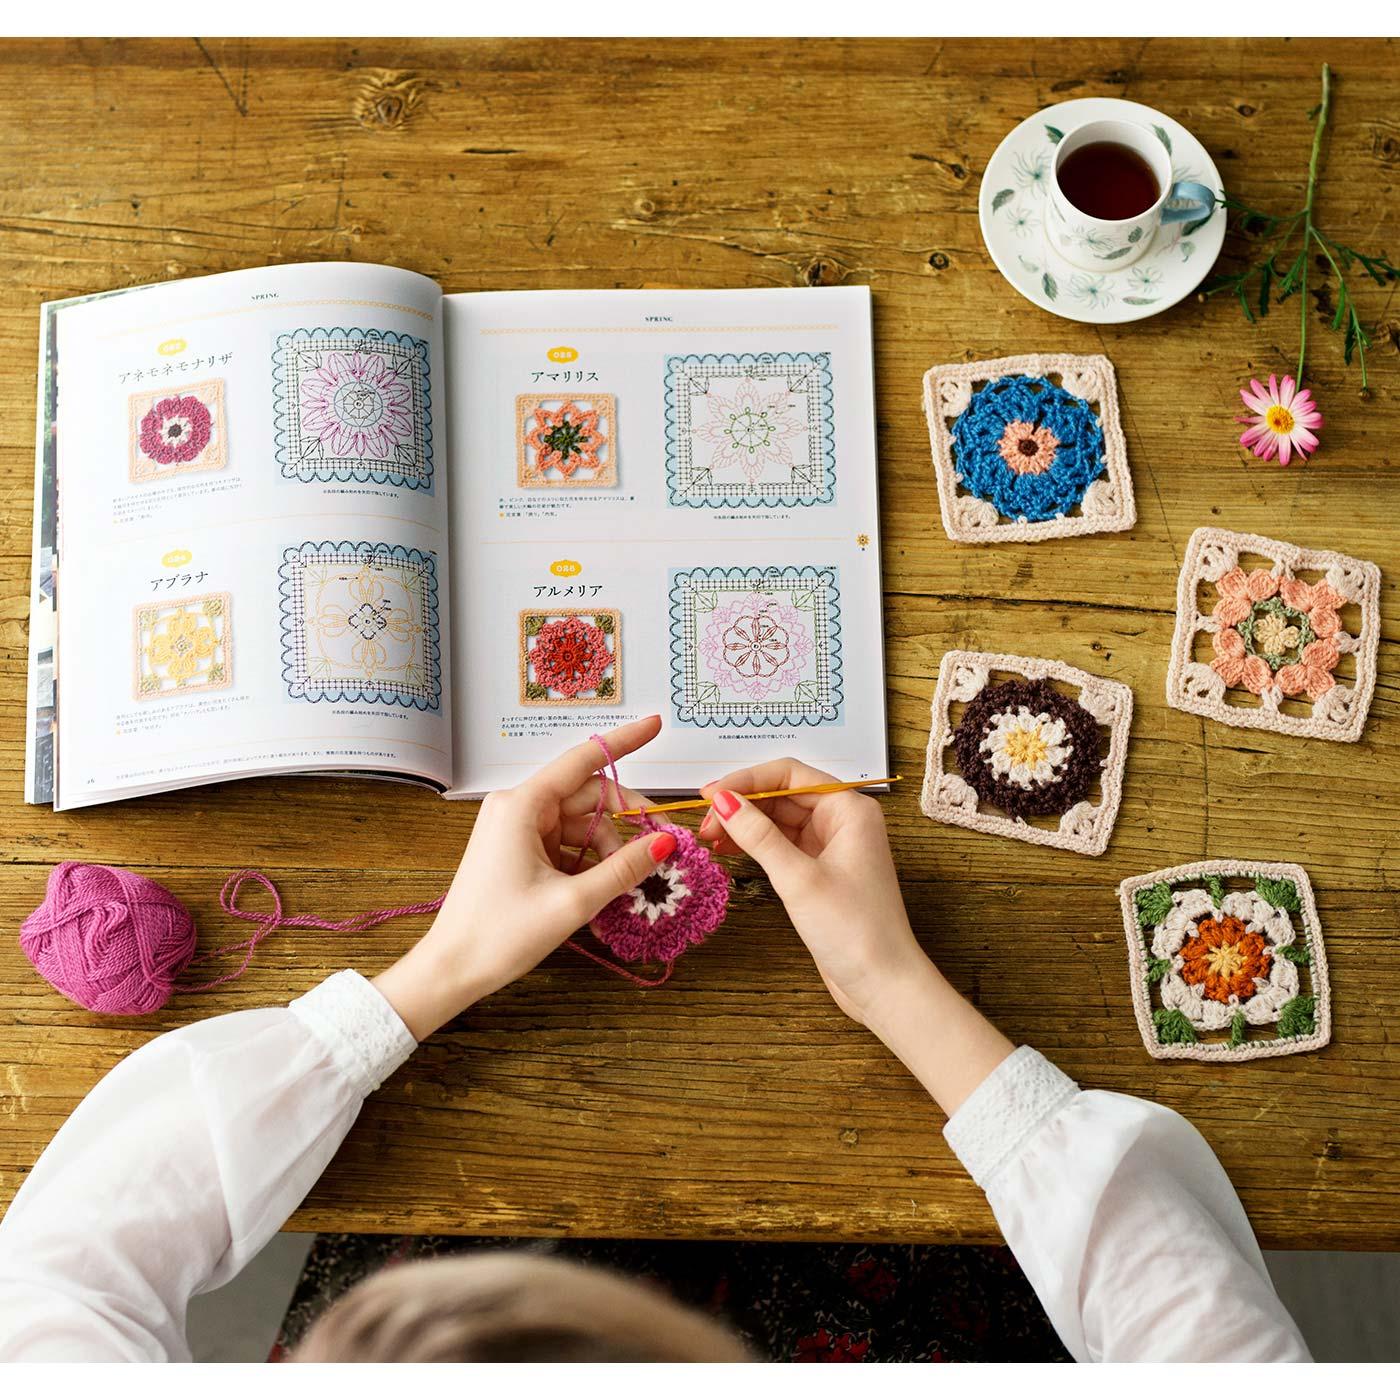 できあがり写真と編み図を見やすくレイアウト。花言葉も掲載されていて、眺めるだけでもたのしい!